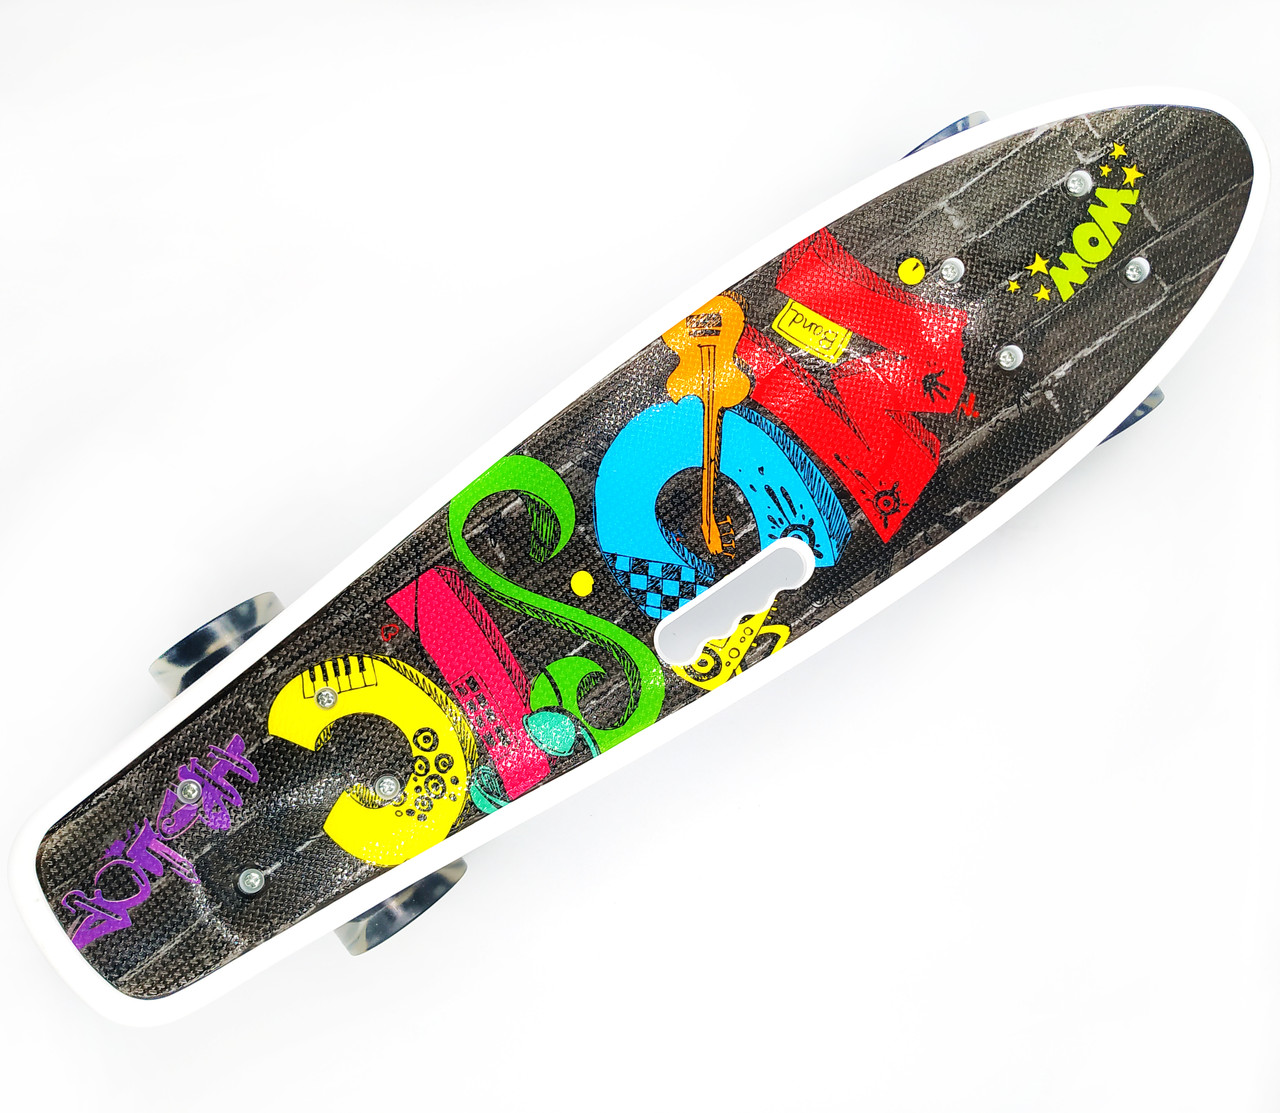 Скейт Пенні борд З 70822 (8) Best Board, ВИДАЄТЬСЯ ТІЛЬКИ МІКС ВИДІВ, 4 види, дека з ручкою, підшипники ABEC-7,